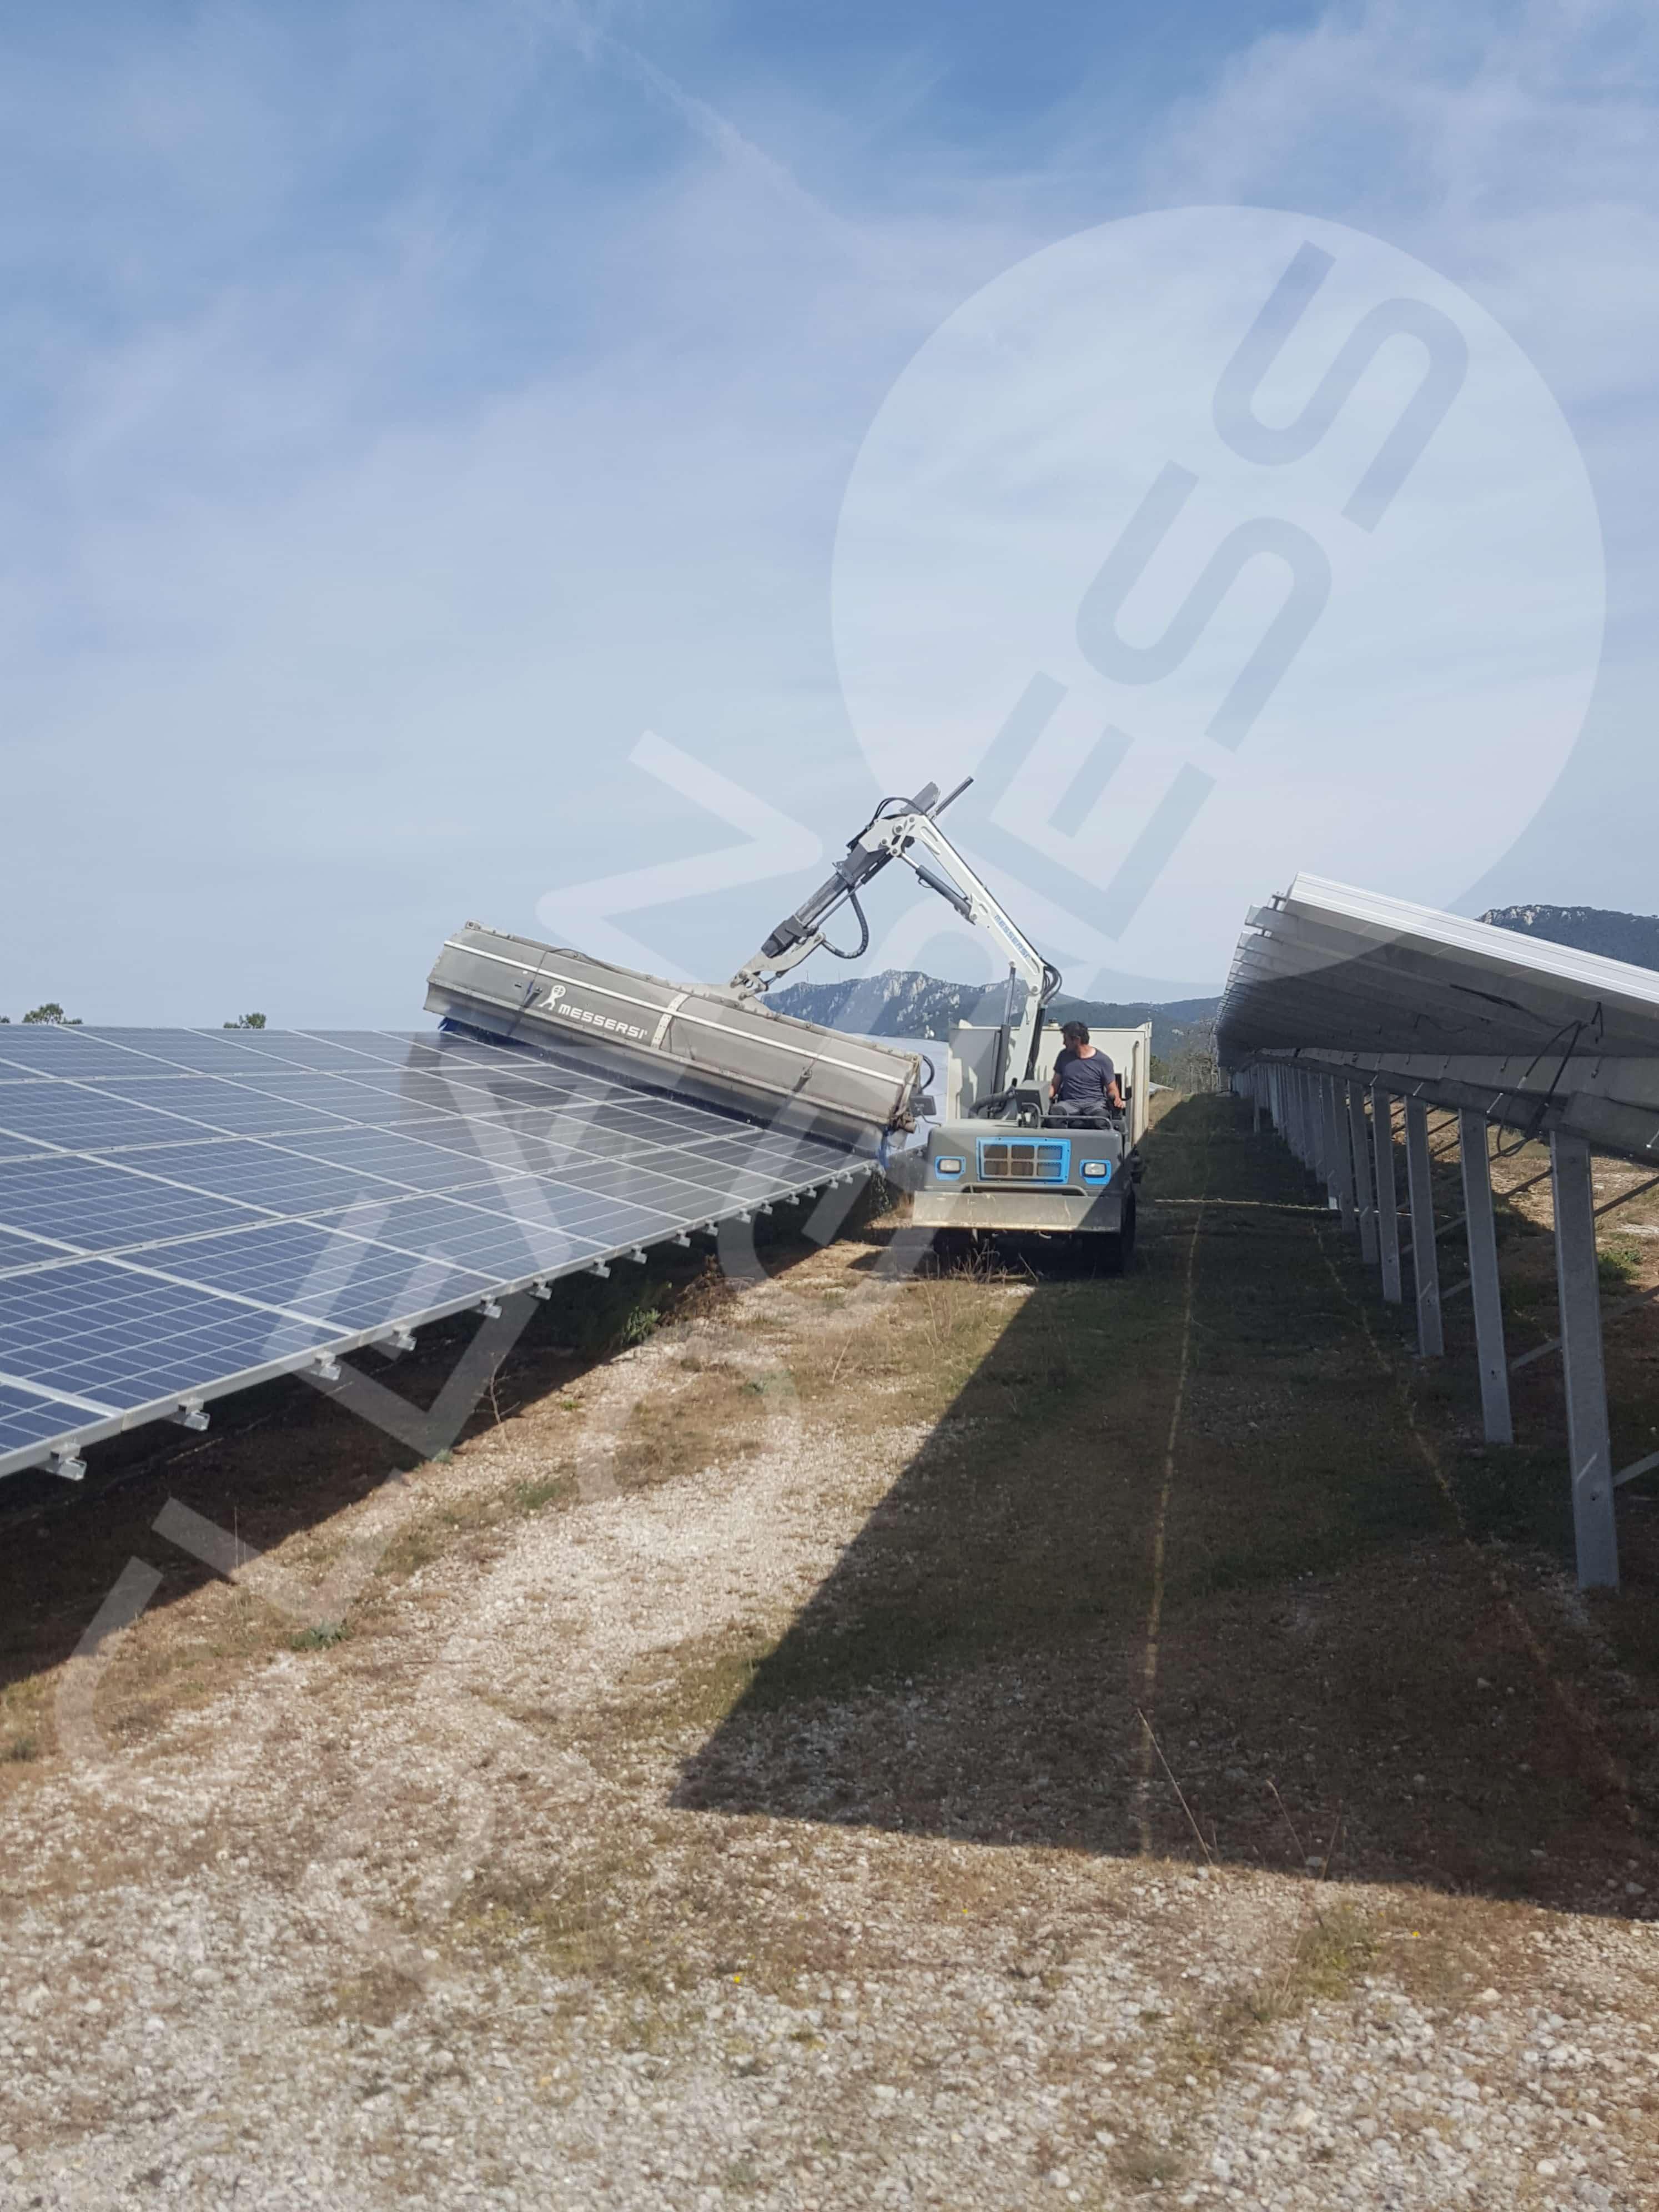 Lavage optimal dans un champ solaire pour optimiser le rendement des panneaux photovoltaïques